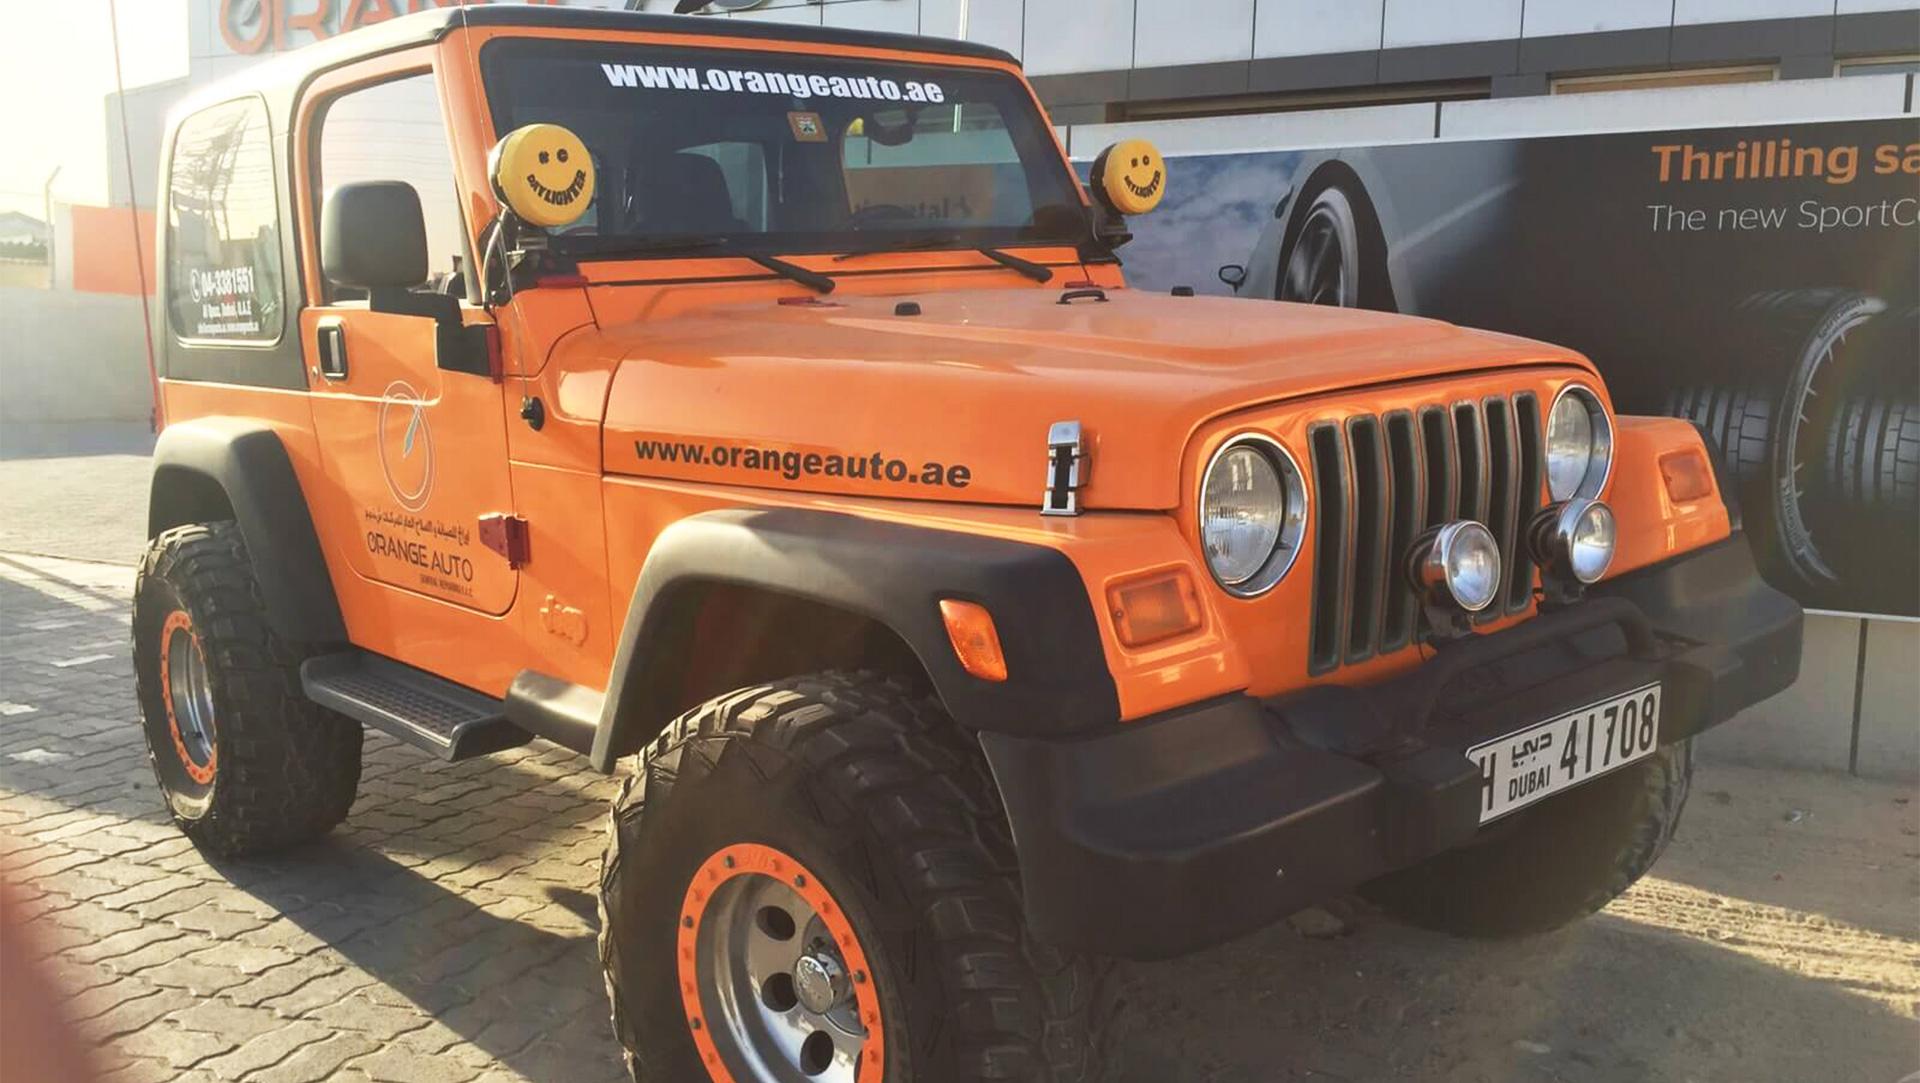 Jeep - Orange Auto Dubai